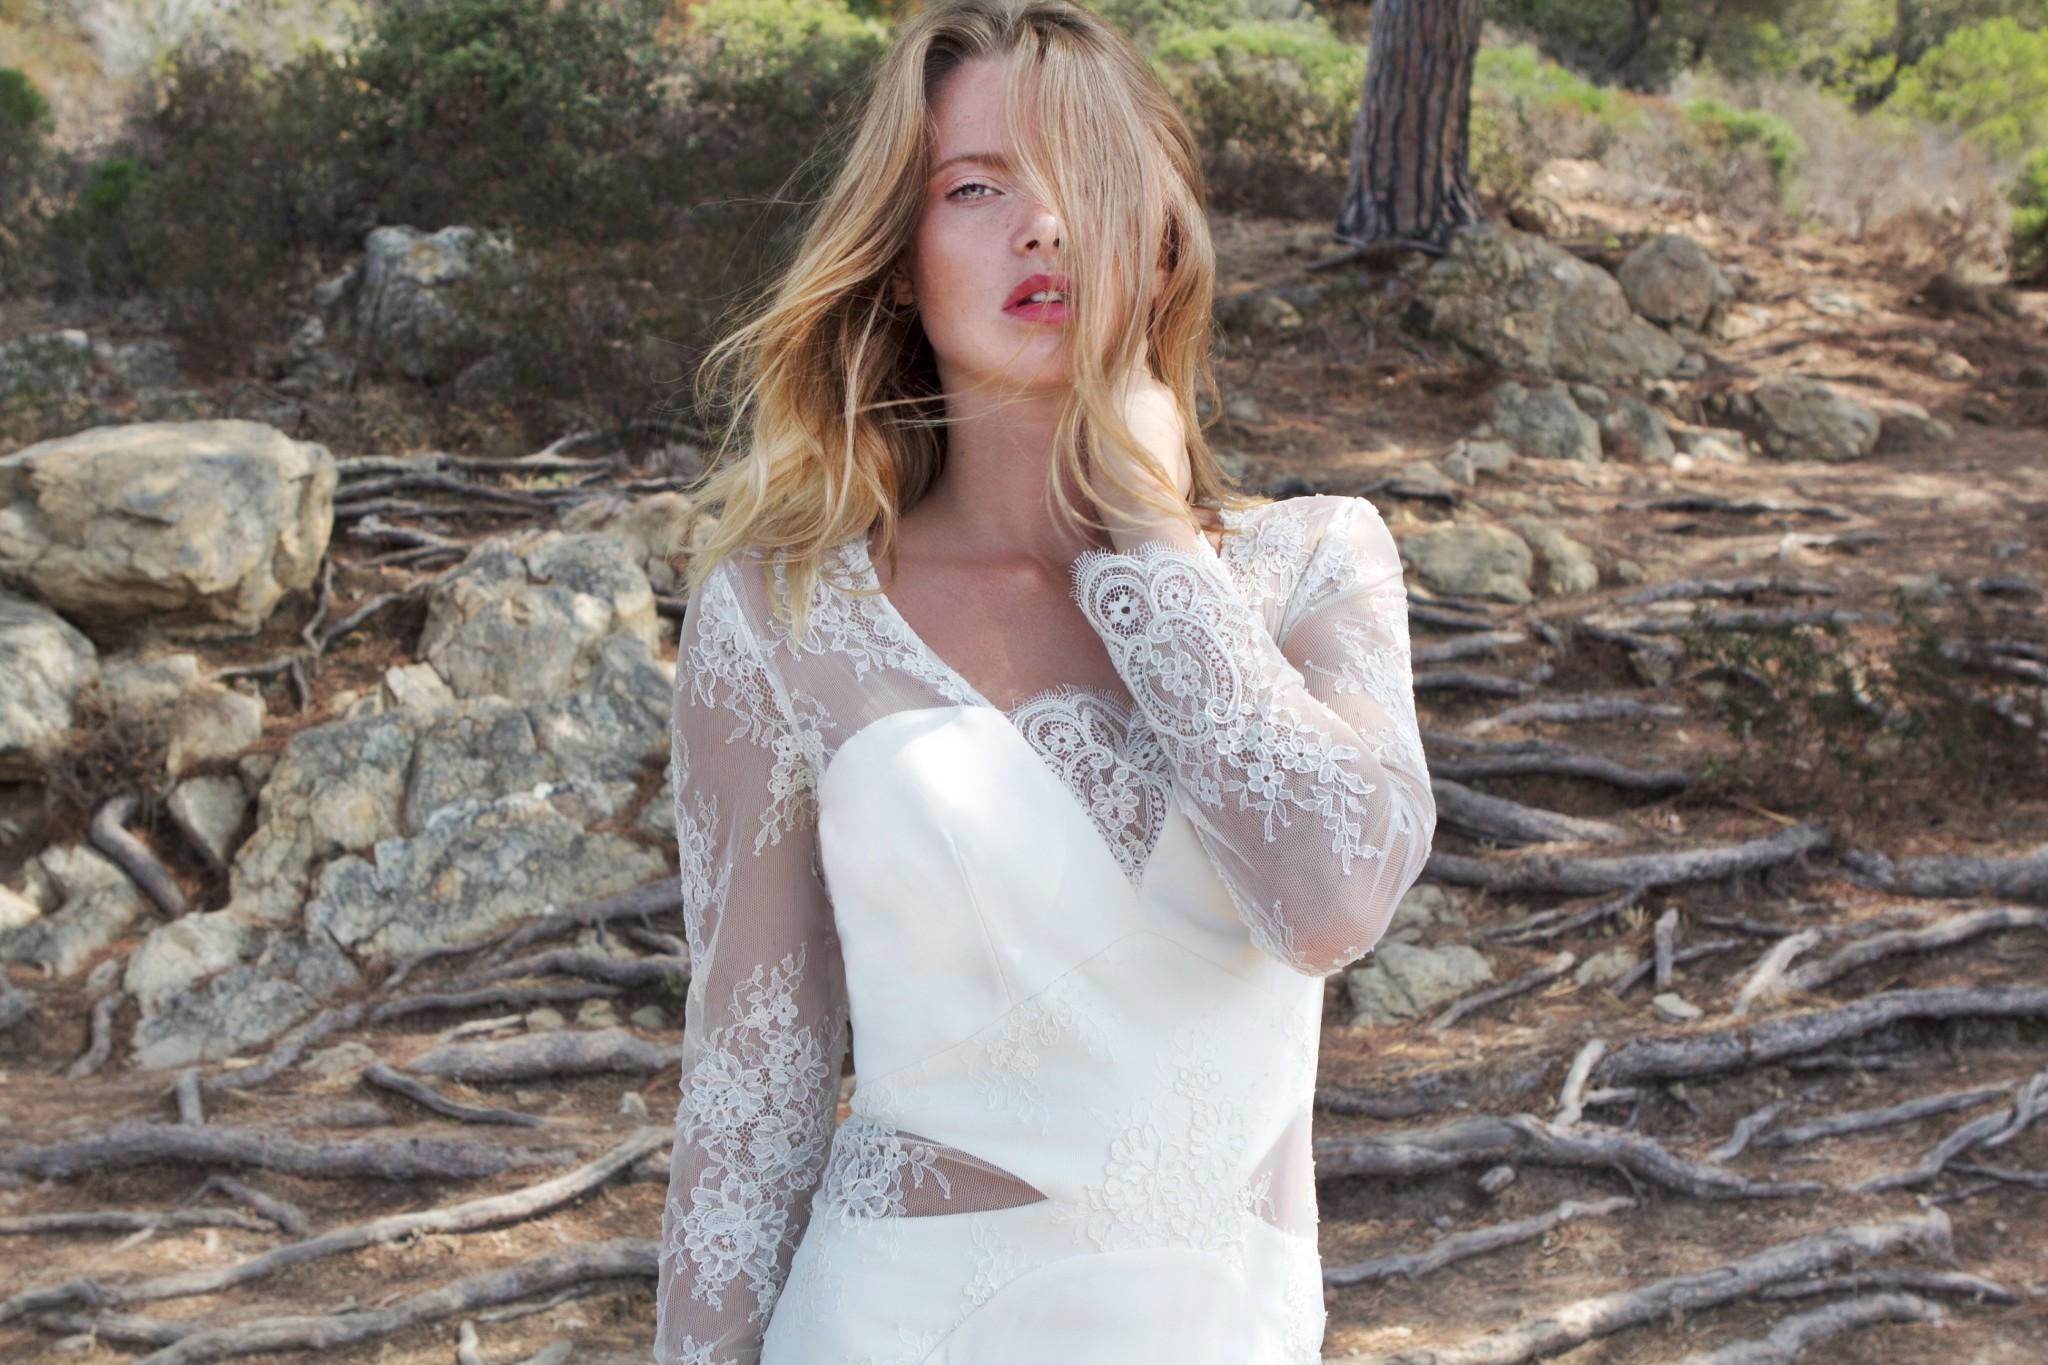 détails originaux sur notre robe de mariée juliette